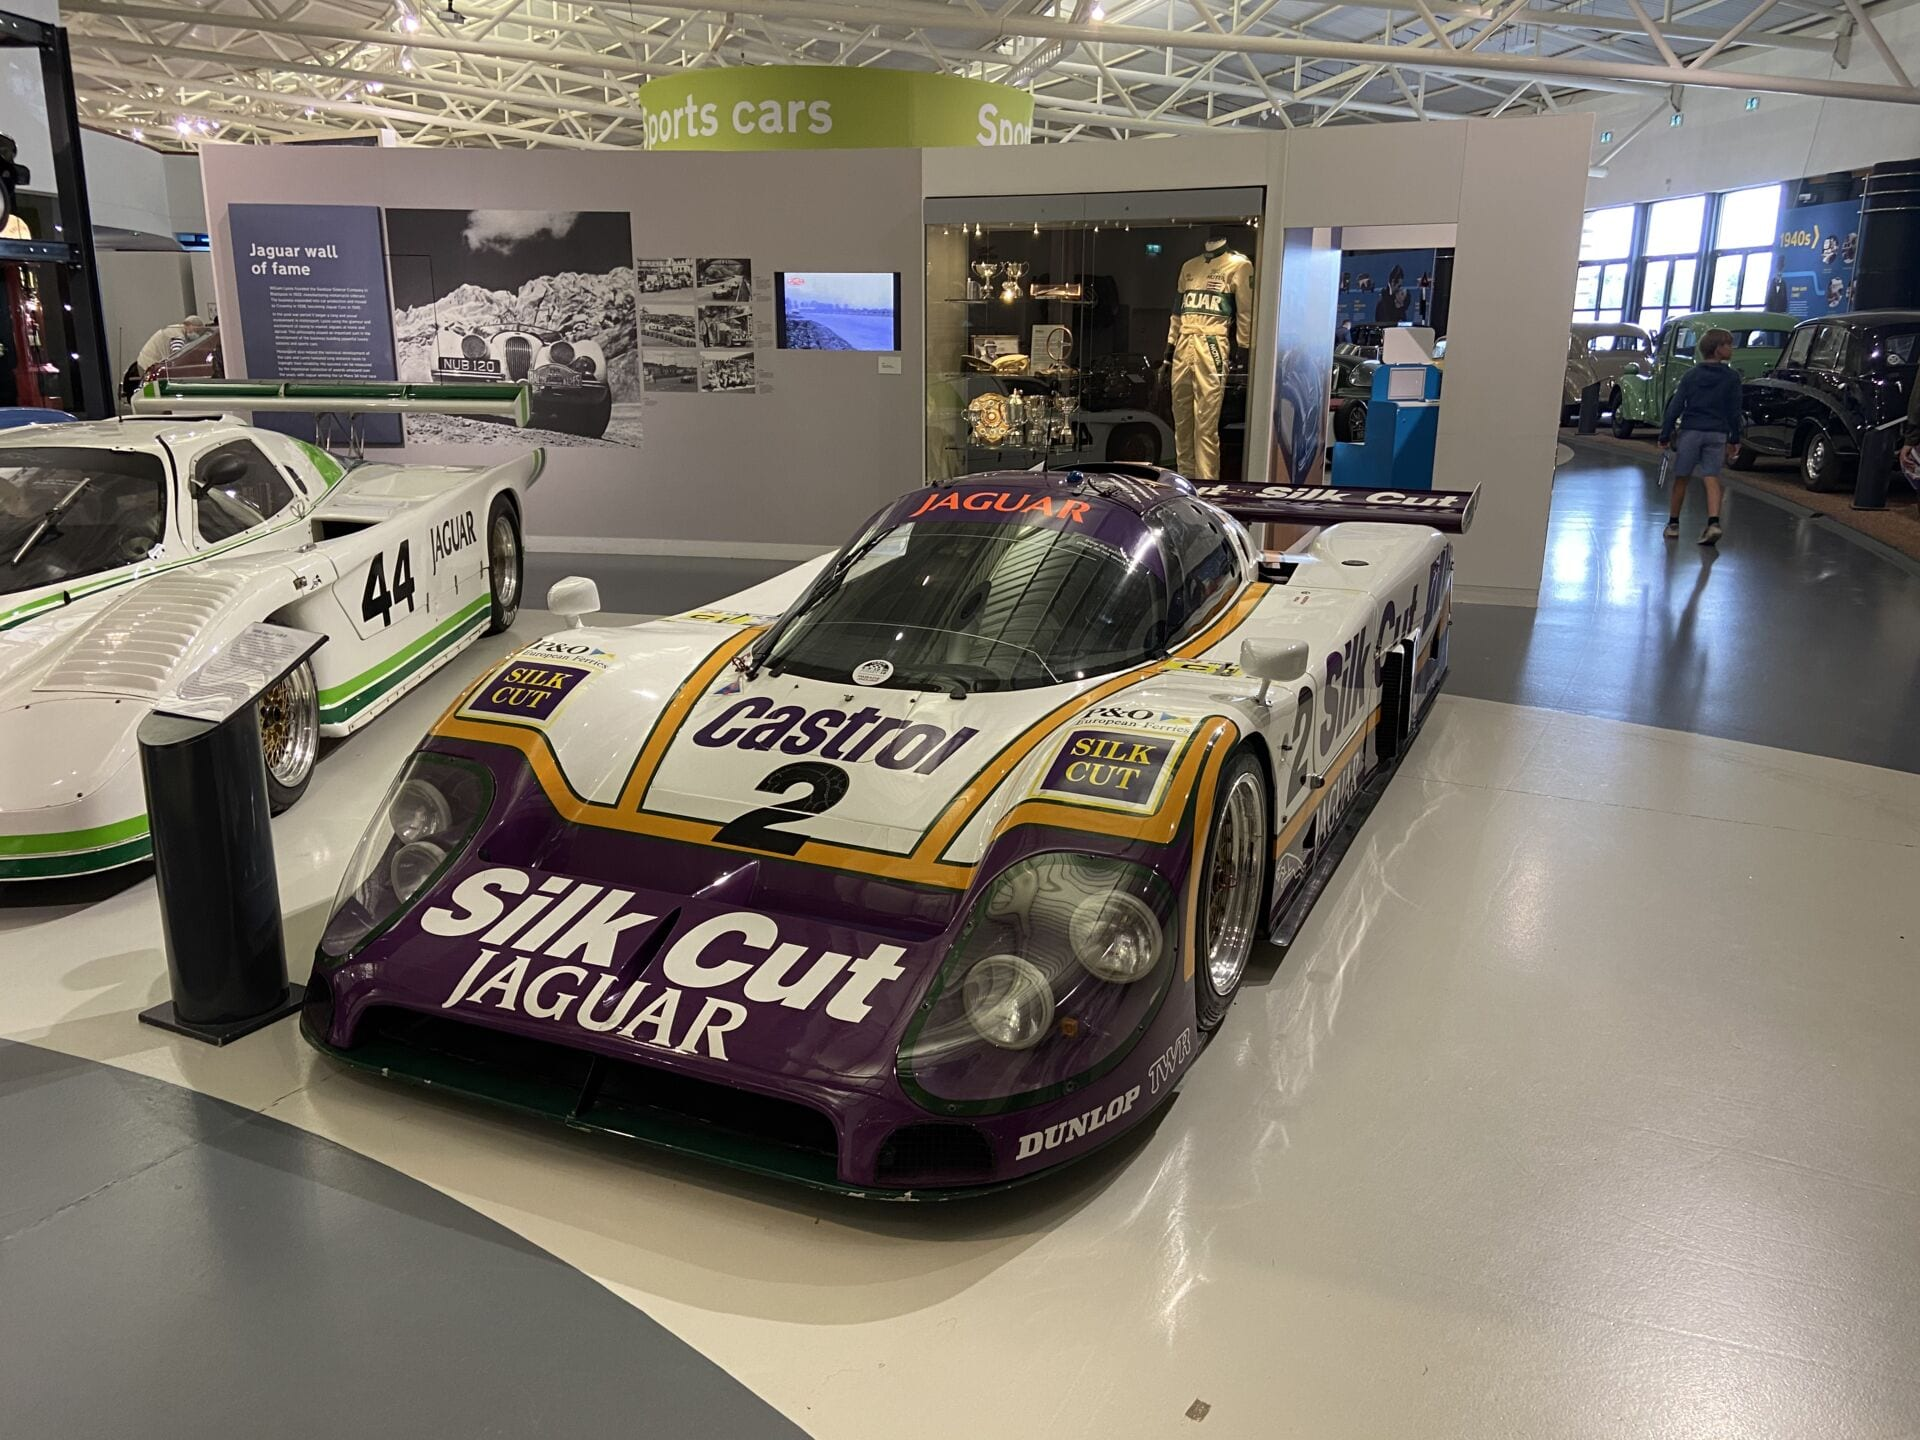 Jaguar Group C Car